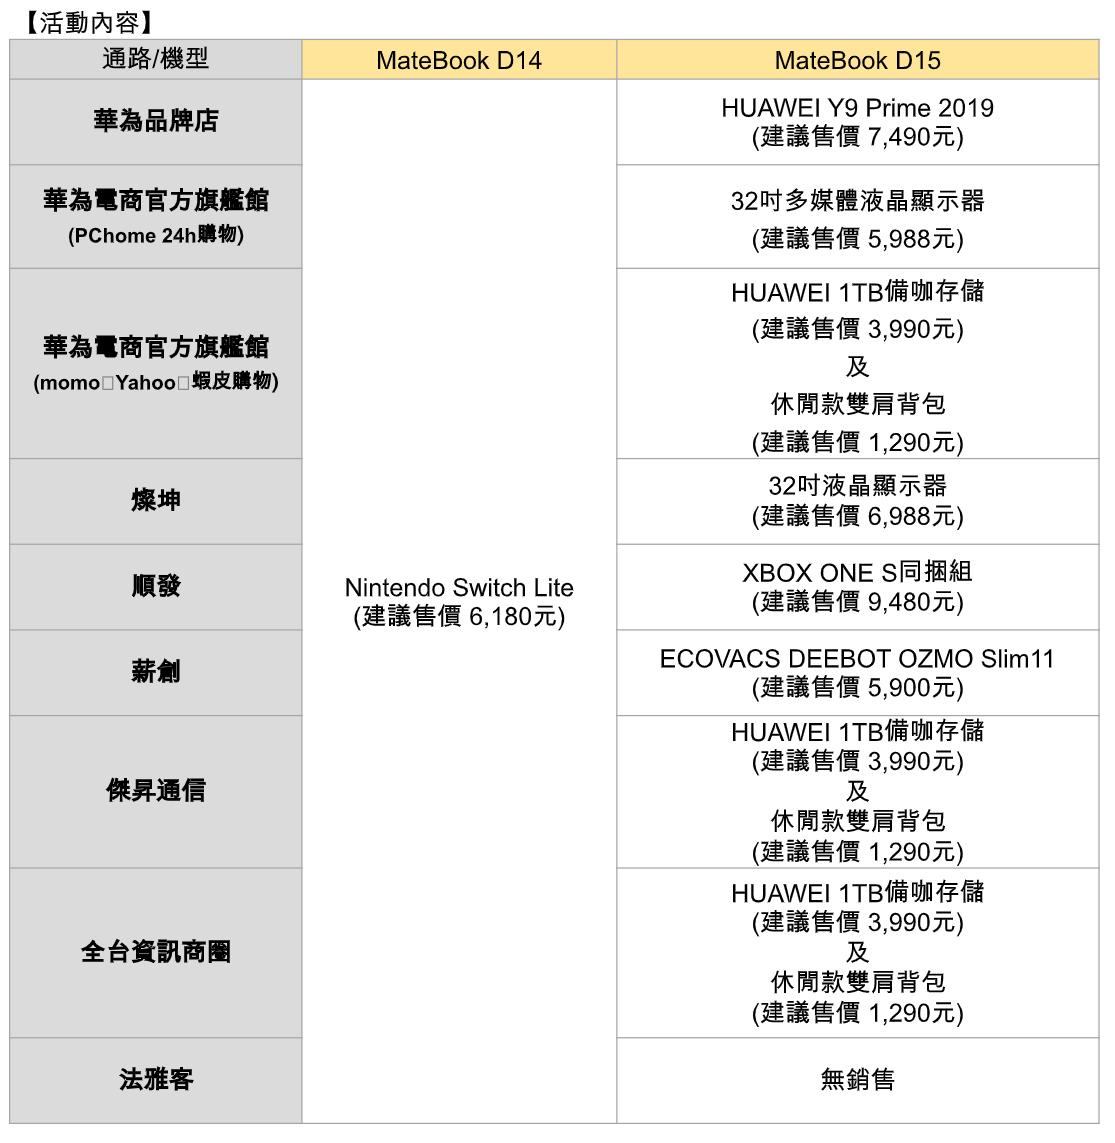 華為 X 燦坤 強強聯手台北 3C 電腦展!HUAWEI MateBook D 系列加碼萬元豪禮優惠! @3C 達人廖阿輝